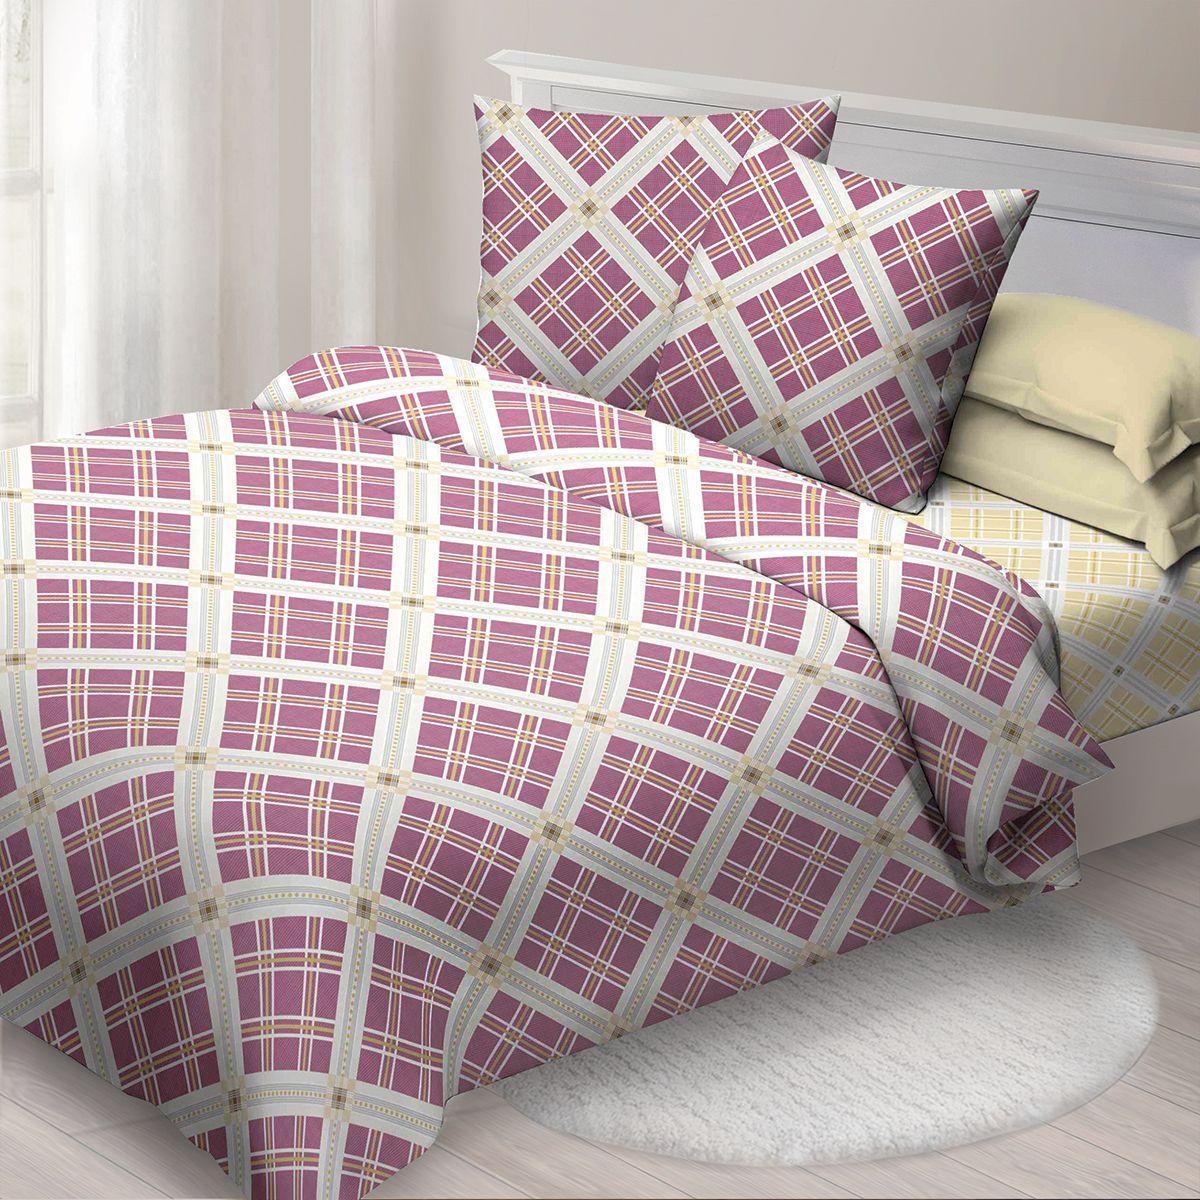 Комплект белья Спал Спалыч Ромбы, 2-х спальное, наволочки 70x70, цвет: бордовый. 4090-285082